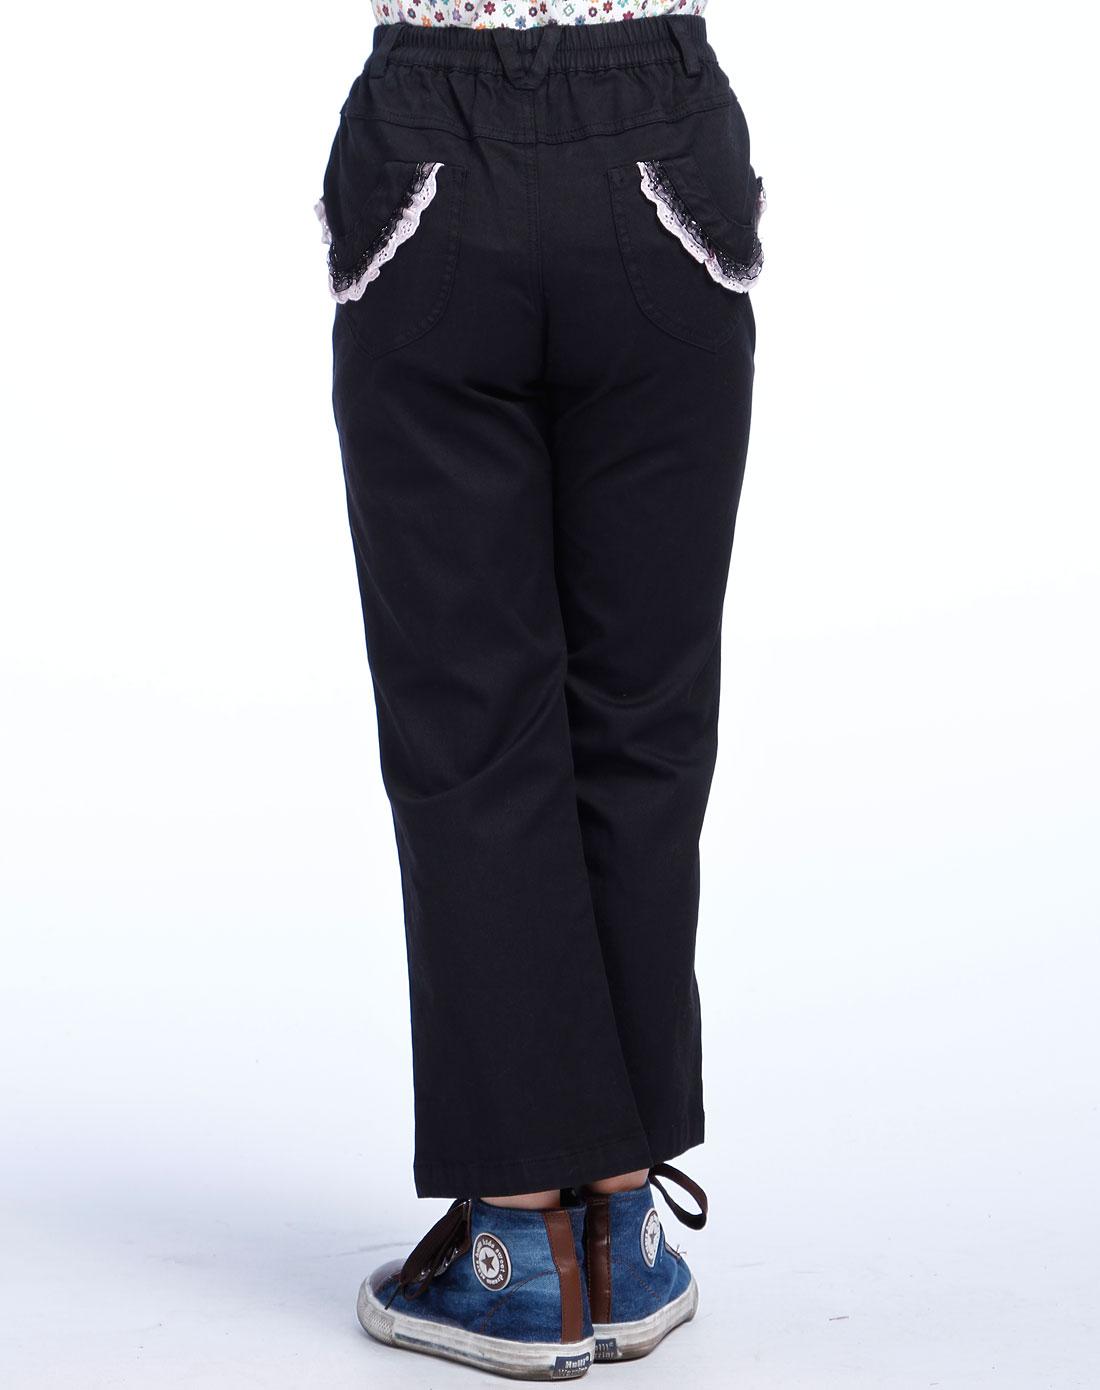 米斯维尼女童黑色裤子fgqs05043-84